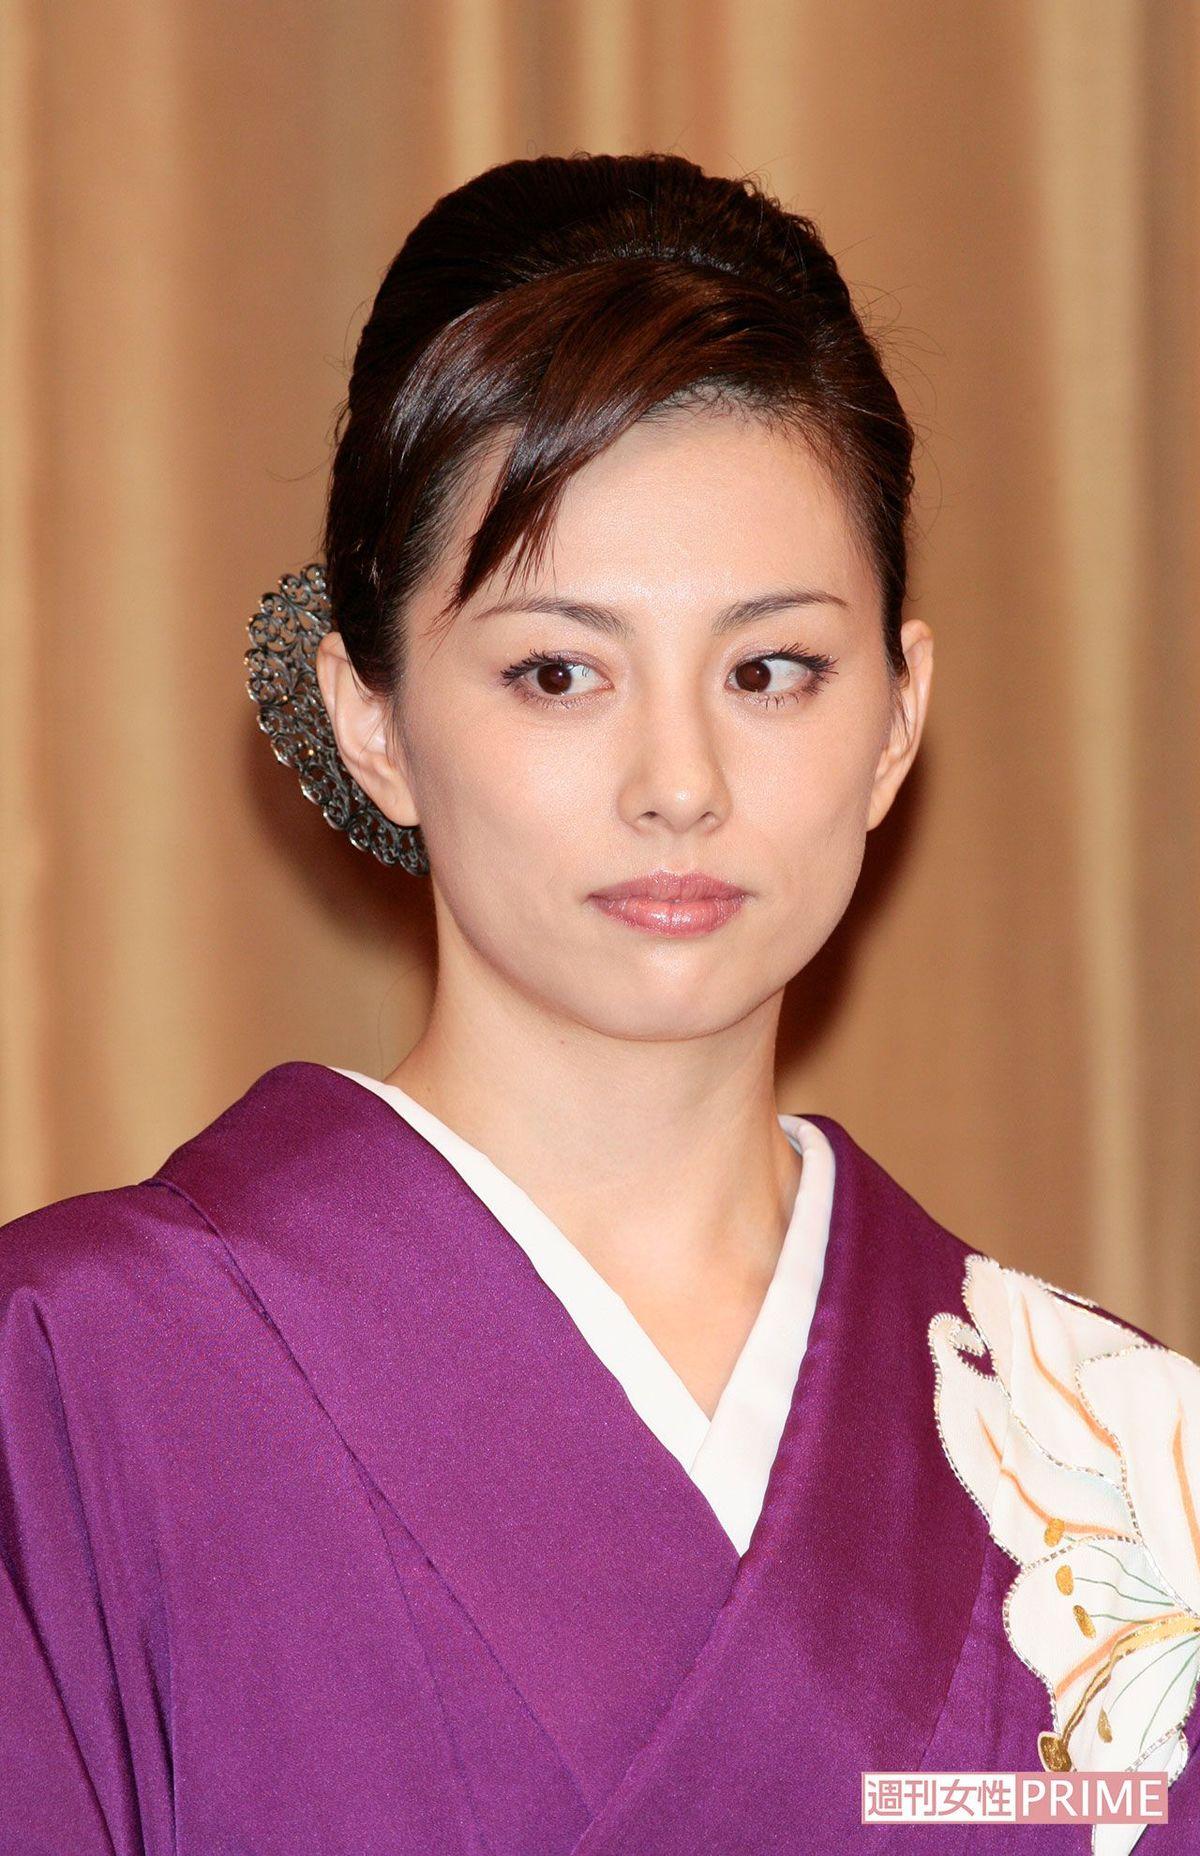 米倉涼子の画像 p1_16